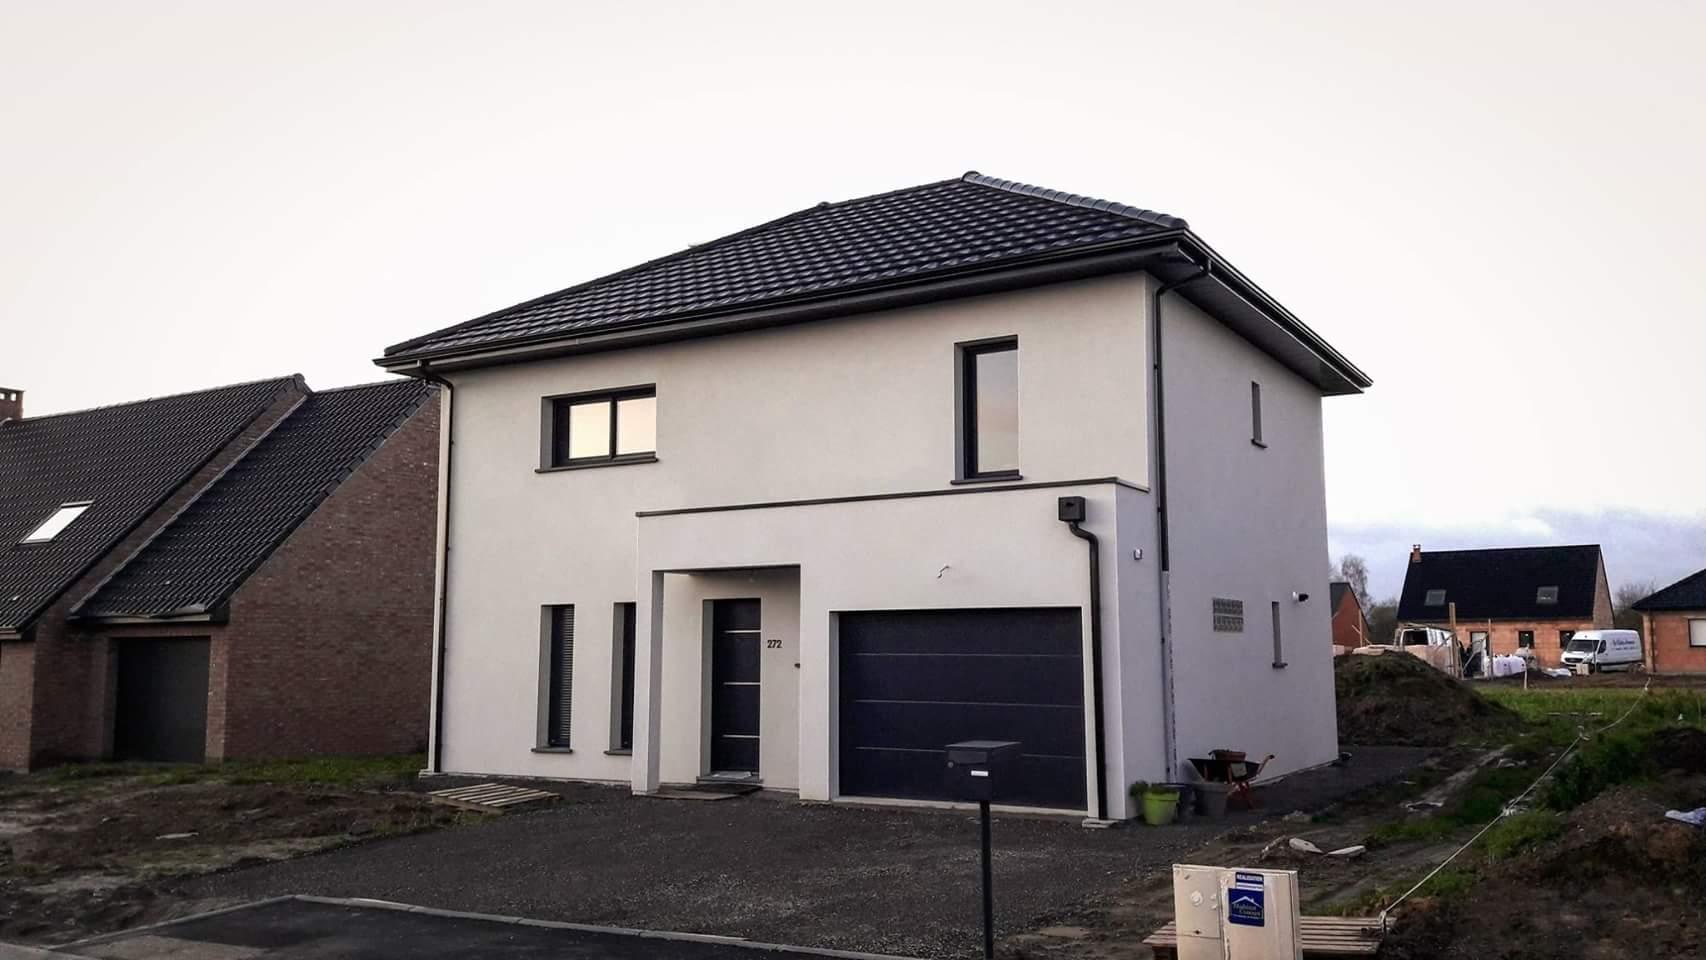 Maisons + Terrains du constructeur LES MAISONS.COM AULNAY SOUS BOIS • 105 m² • TREMBLAY EN FRANCE